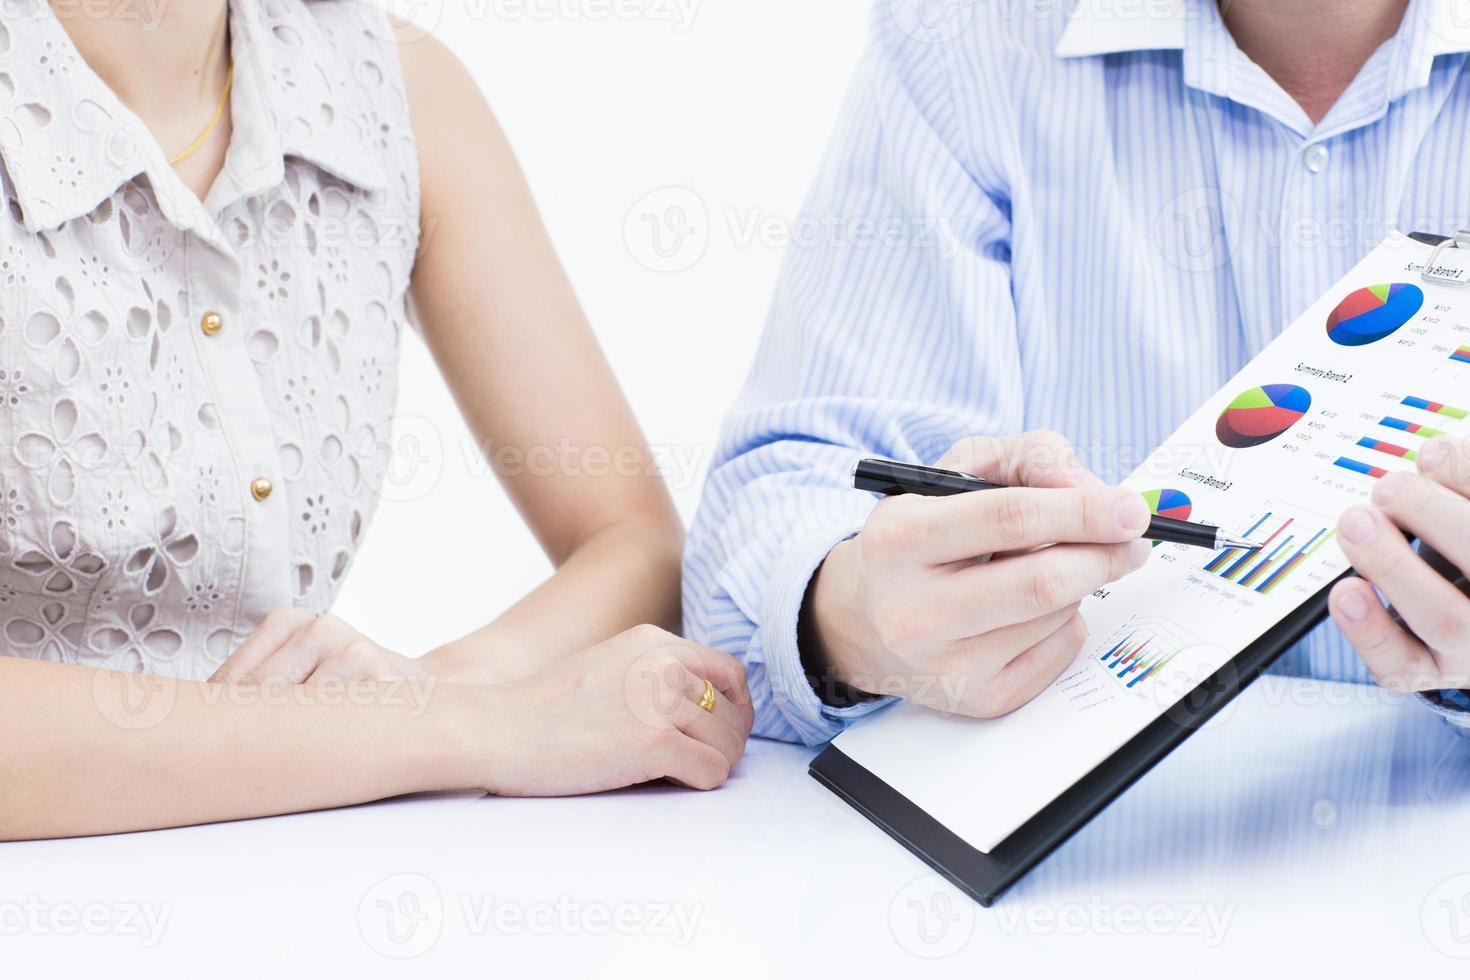 affärsmän som diskuterar under ett möte på bordet foto